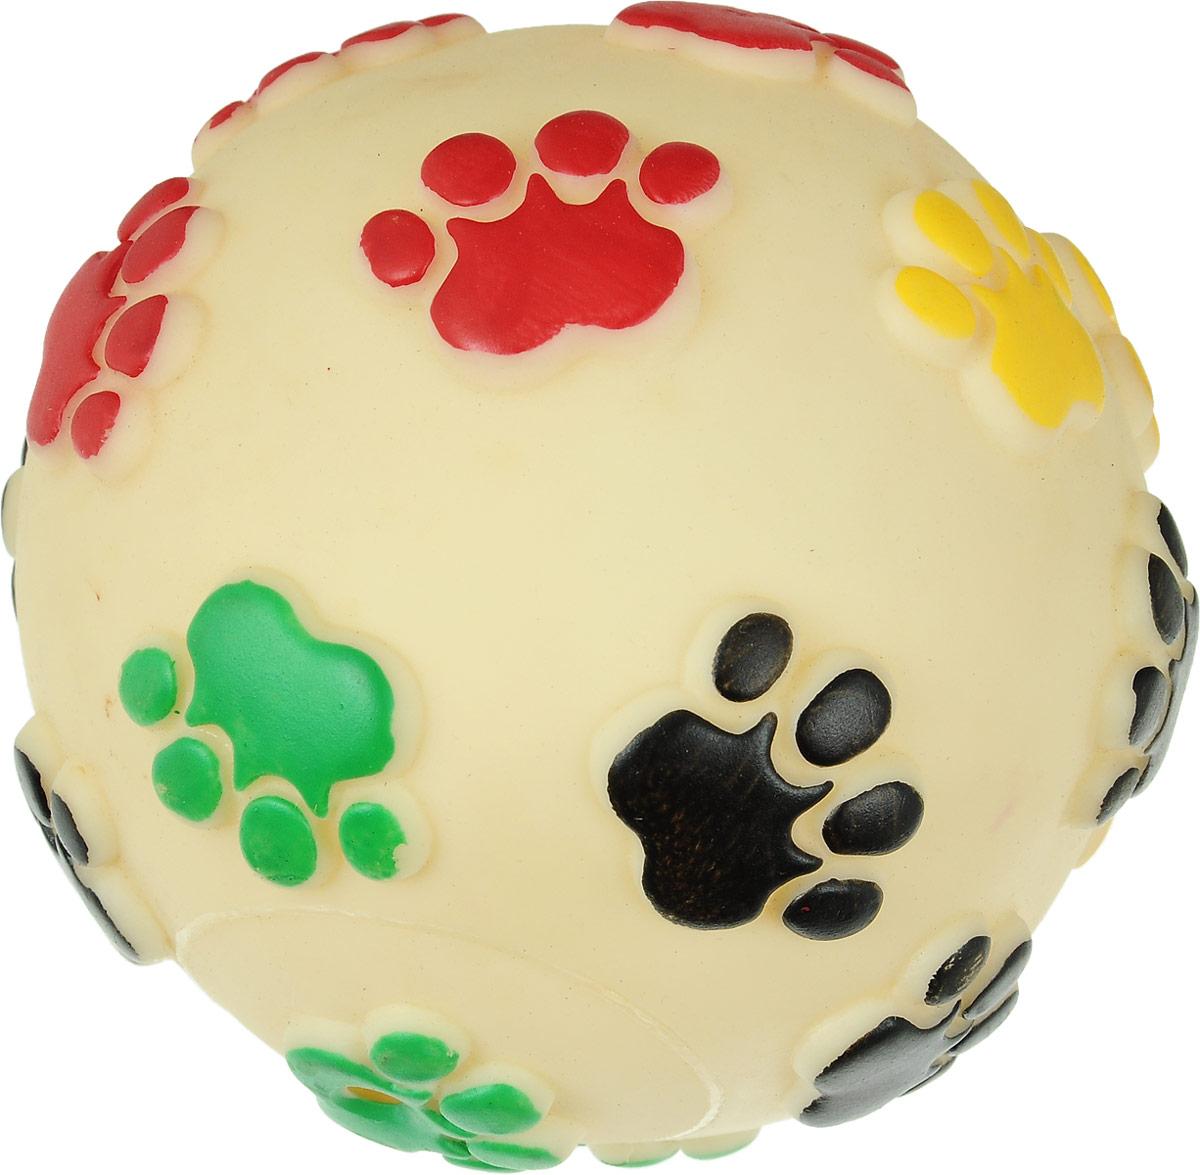 Игрушка для животных Каскад Мяч. Лапки, цвет: молочный, черный, зеленый, с пищалкой, диаметр 12,5 см27754622_молочныйИгрушка Каскад Мяч. Лапки изготовлена из прочной и долговечной резины, устойчивой к разгрызанию. Необычная и забавная игрушка прекрасно подойдет для собак, любящих игрушки с пищалками. Такая игрушка порадует вашего любимца, а вам доставит массу приятных эмоций, ведь наблюдать за игрой всегда интересно и приятно. Диаметр: 12,5 см.